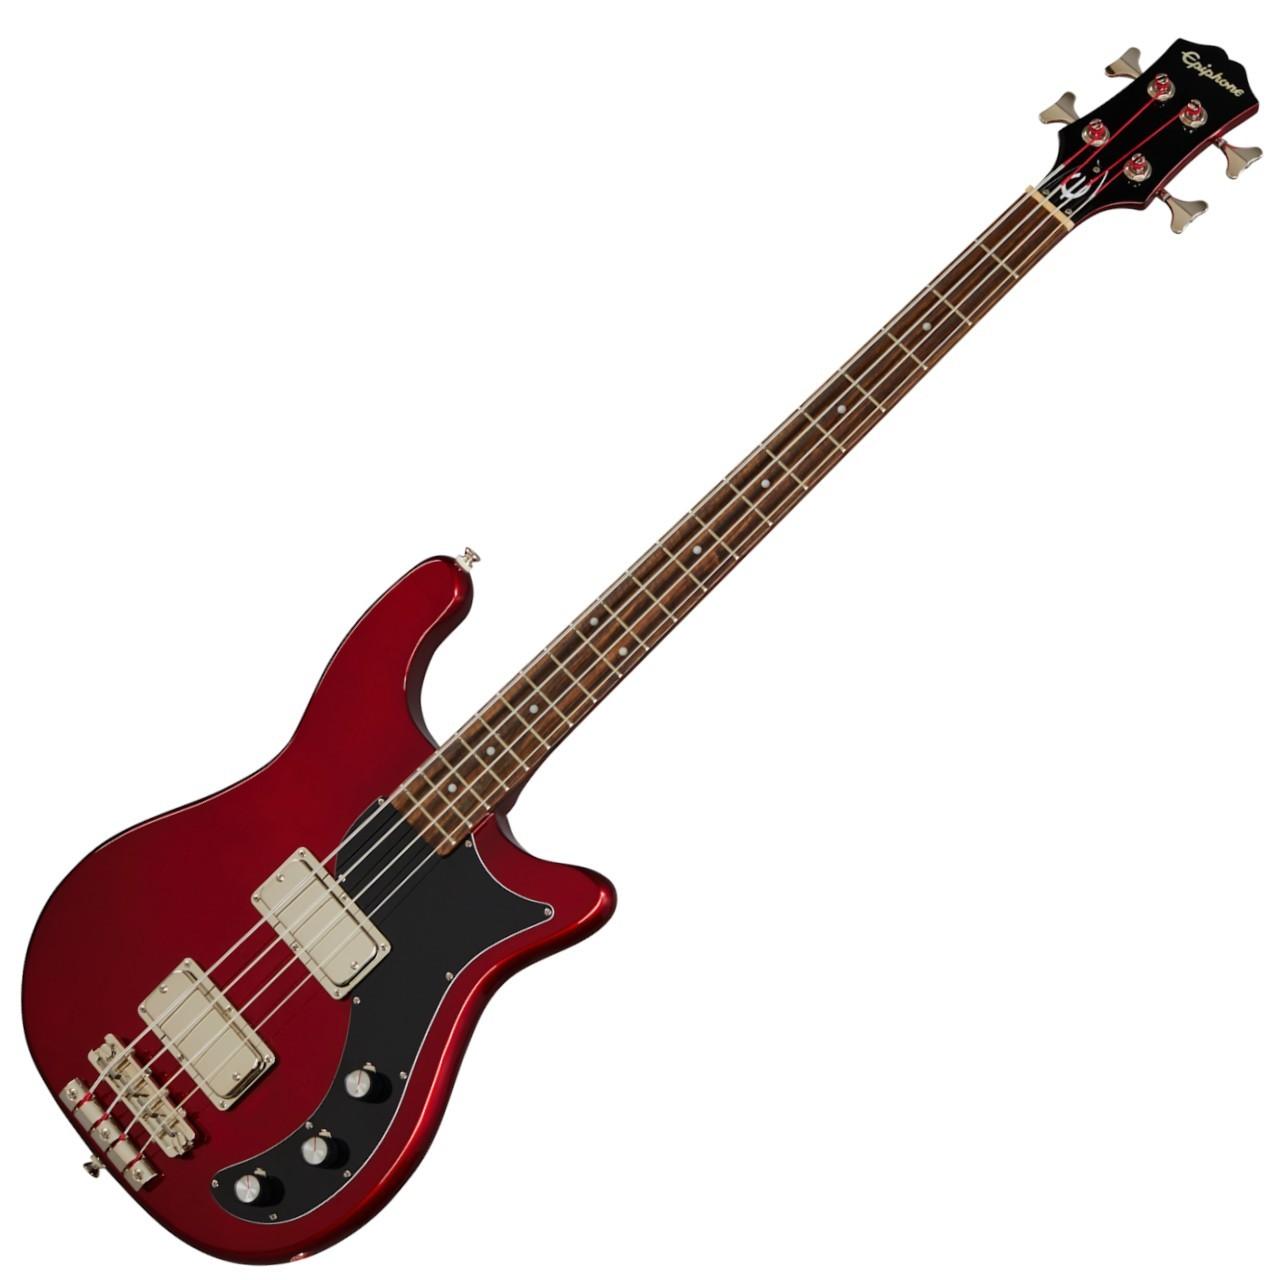 EPIPHONE Embassy Bass